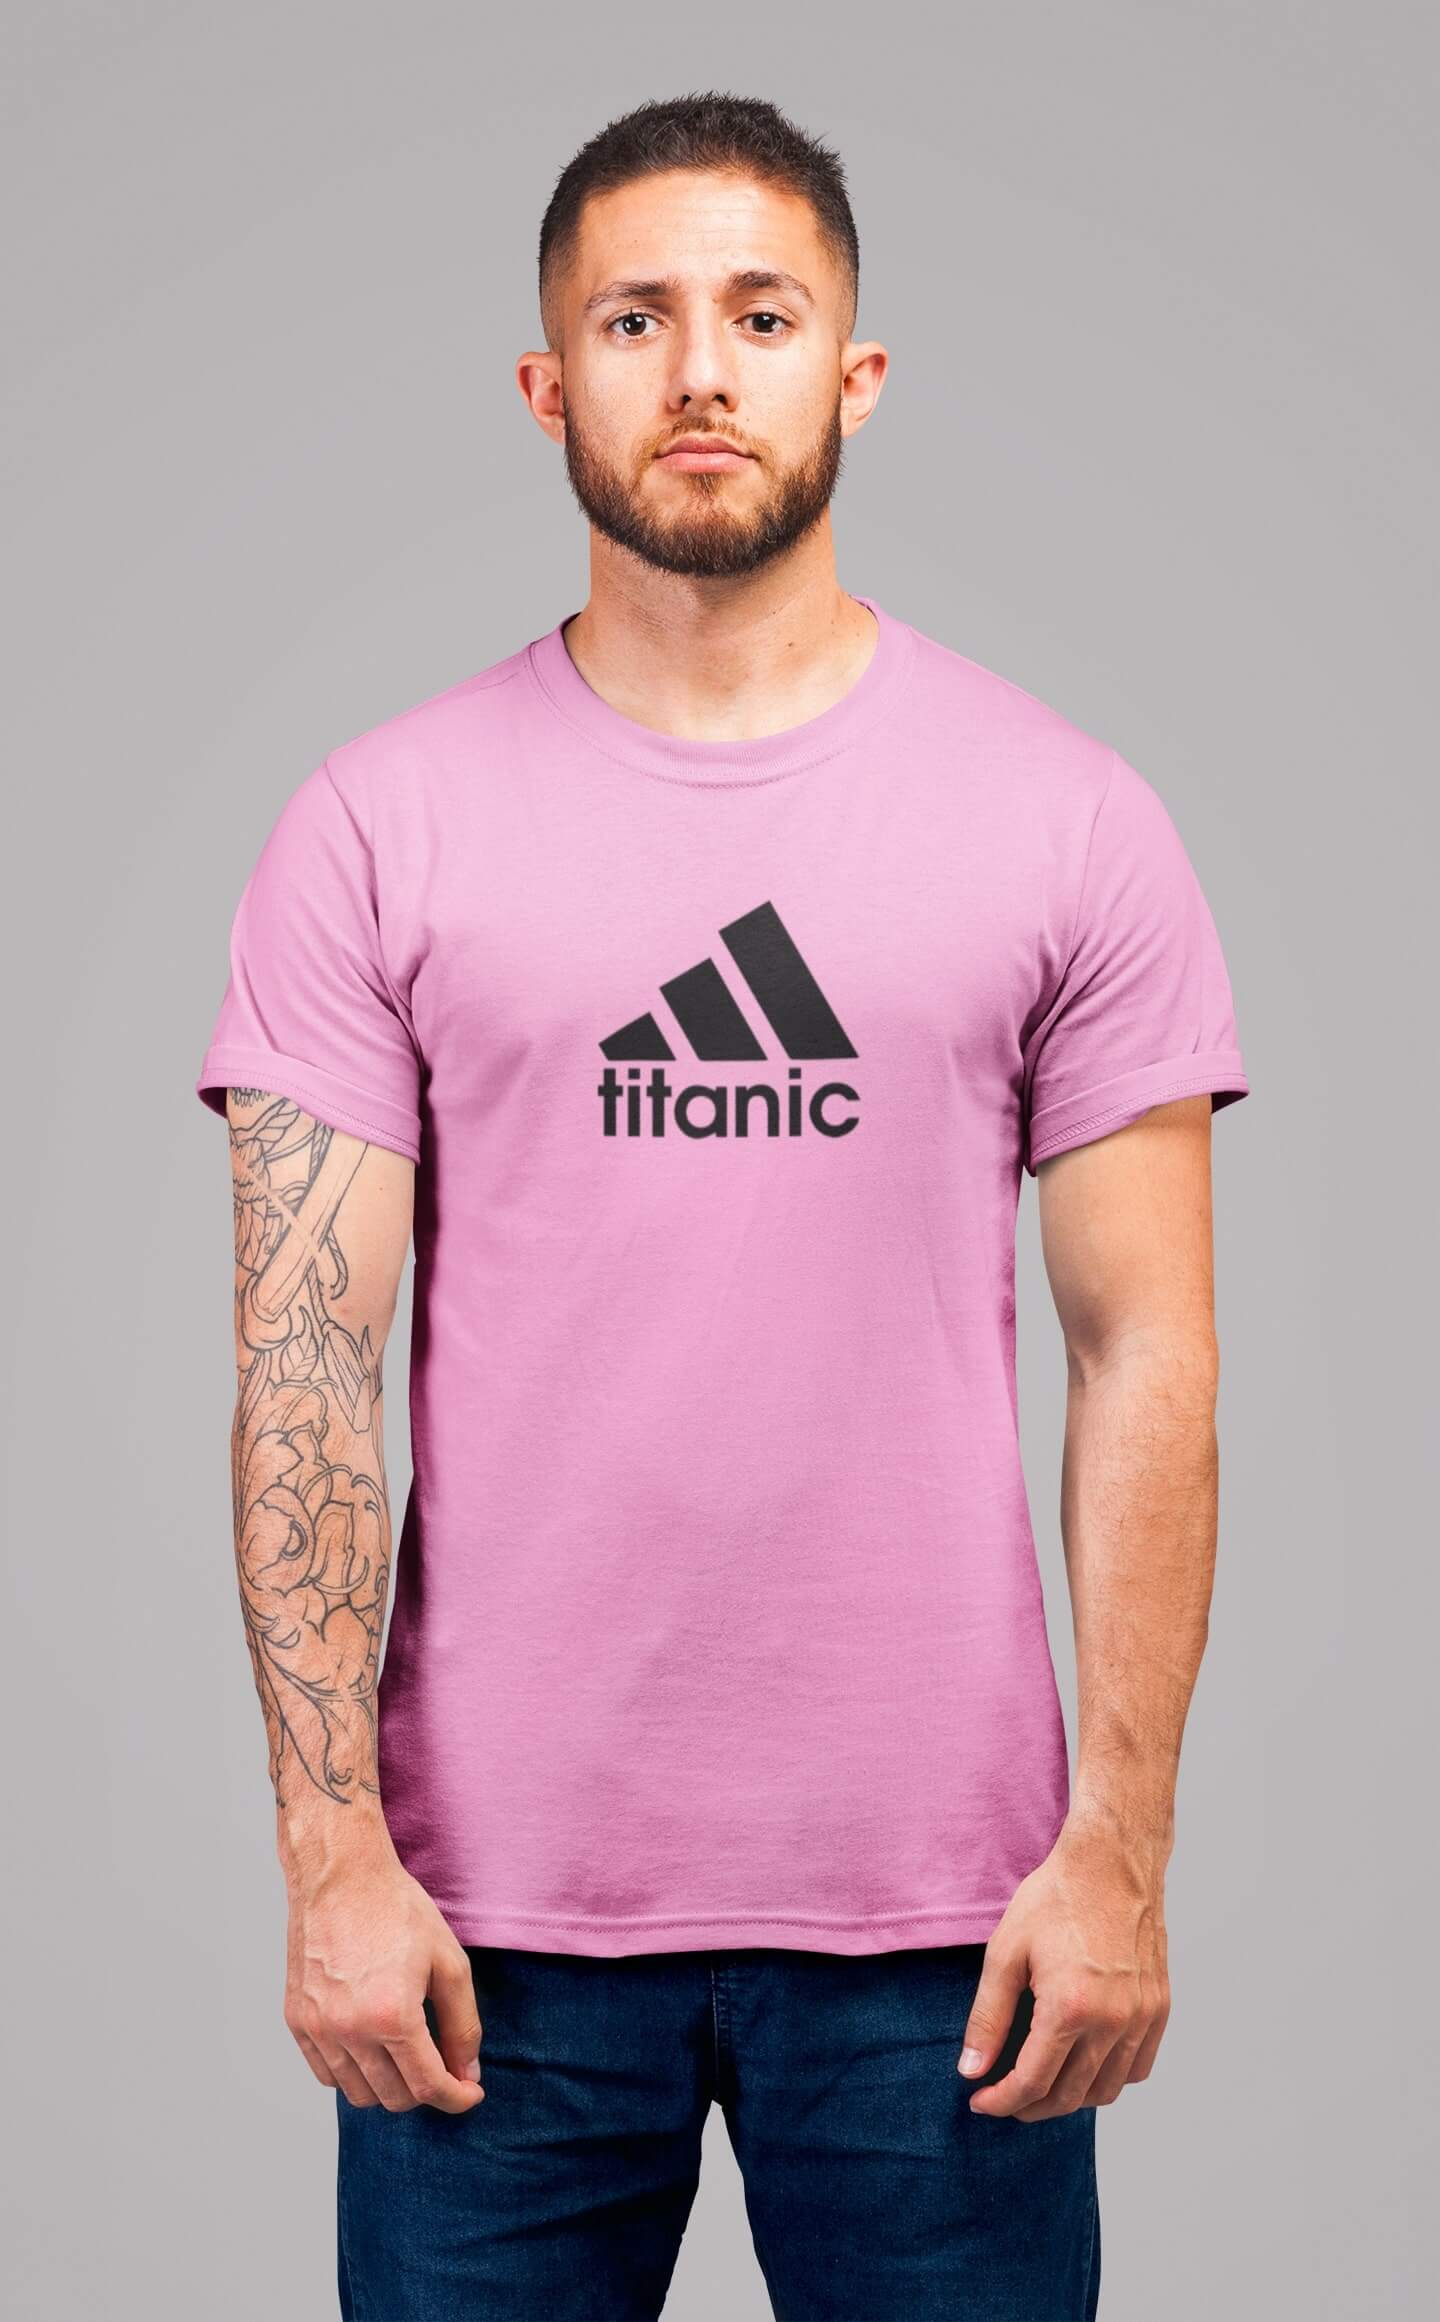 MMO Pánske tričko Titanic Vyberte farbu: Ružová, Vyberte veľkosť: XS